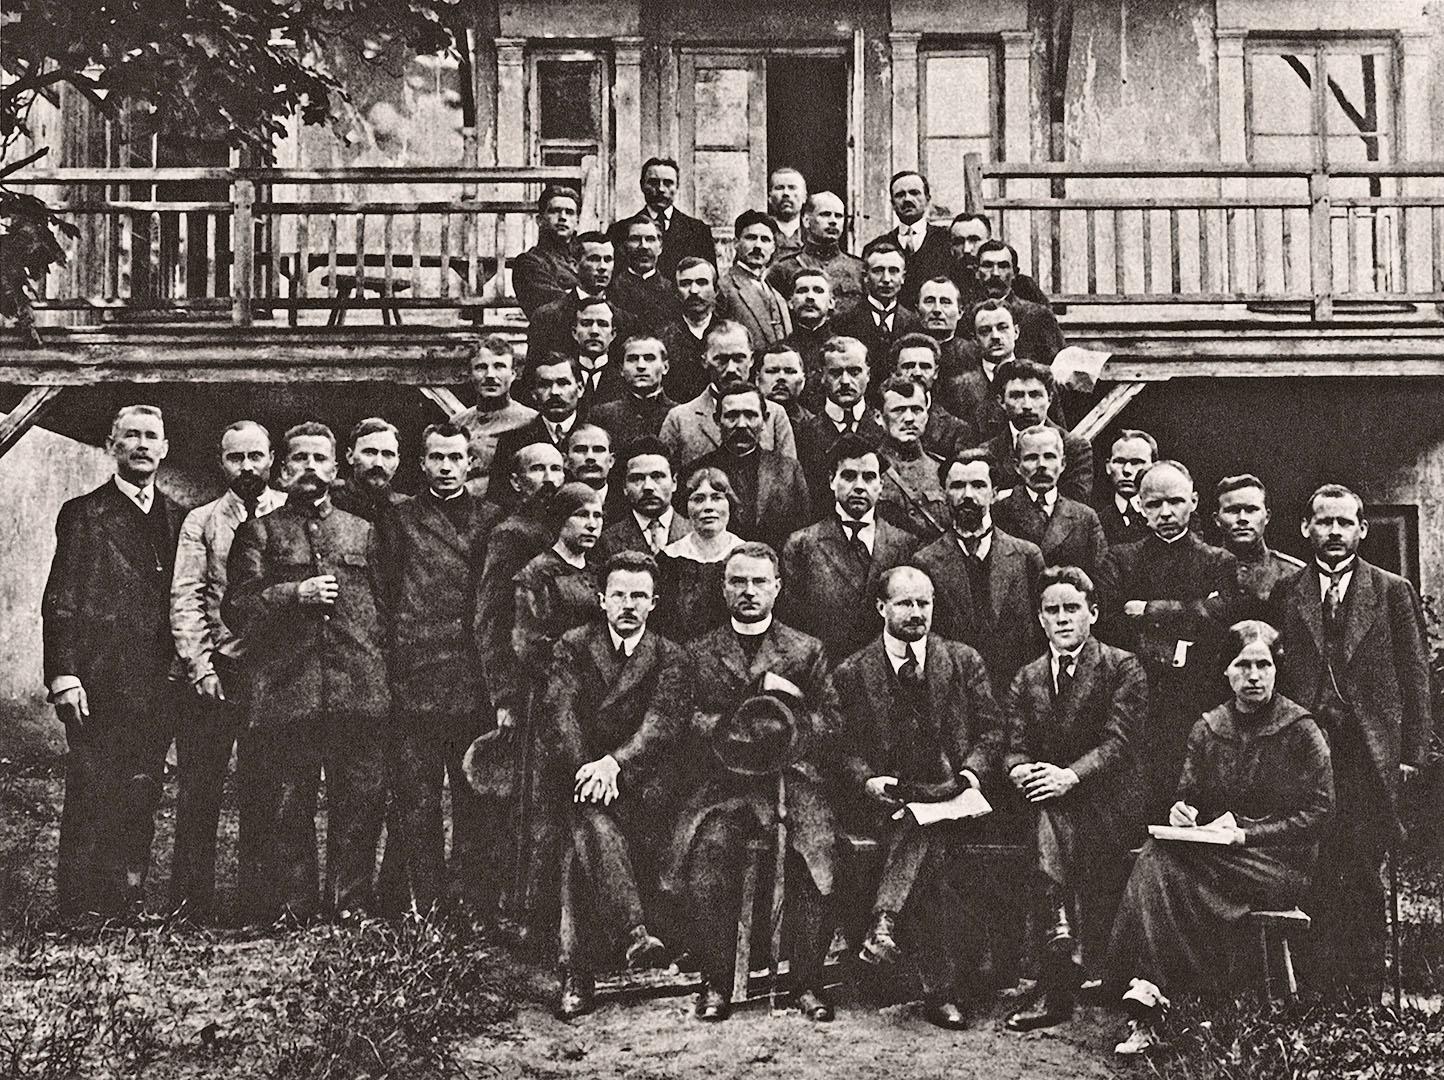 Modernios Lietuvos pagrindus kūrusio Steigiamojo Seimo šimtmetis bus minimas virtualiai | Lietuvos nacionalinio muziejaus nuotr.